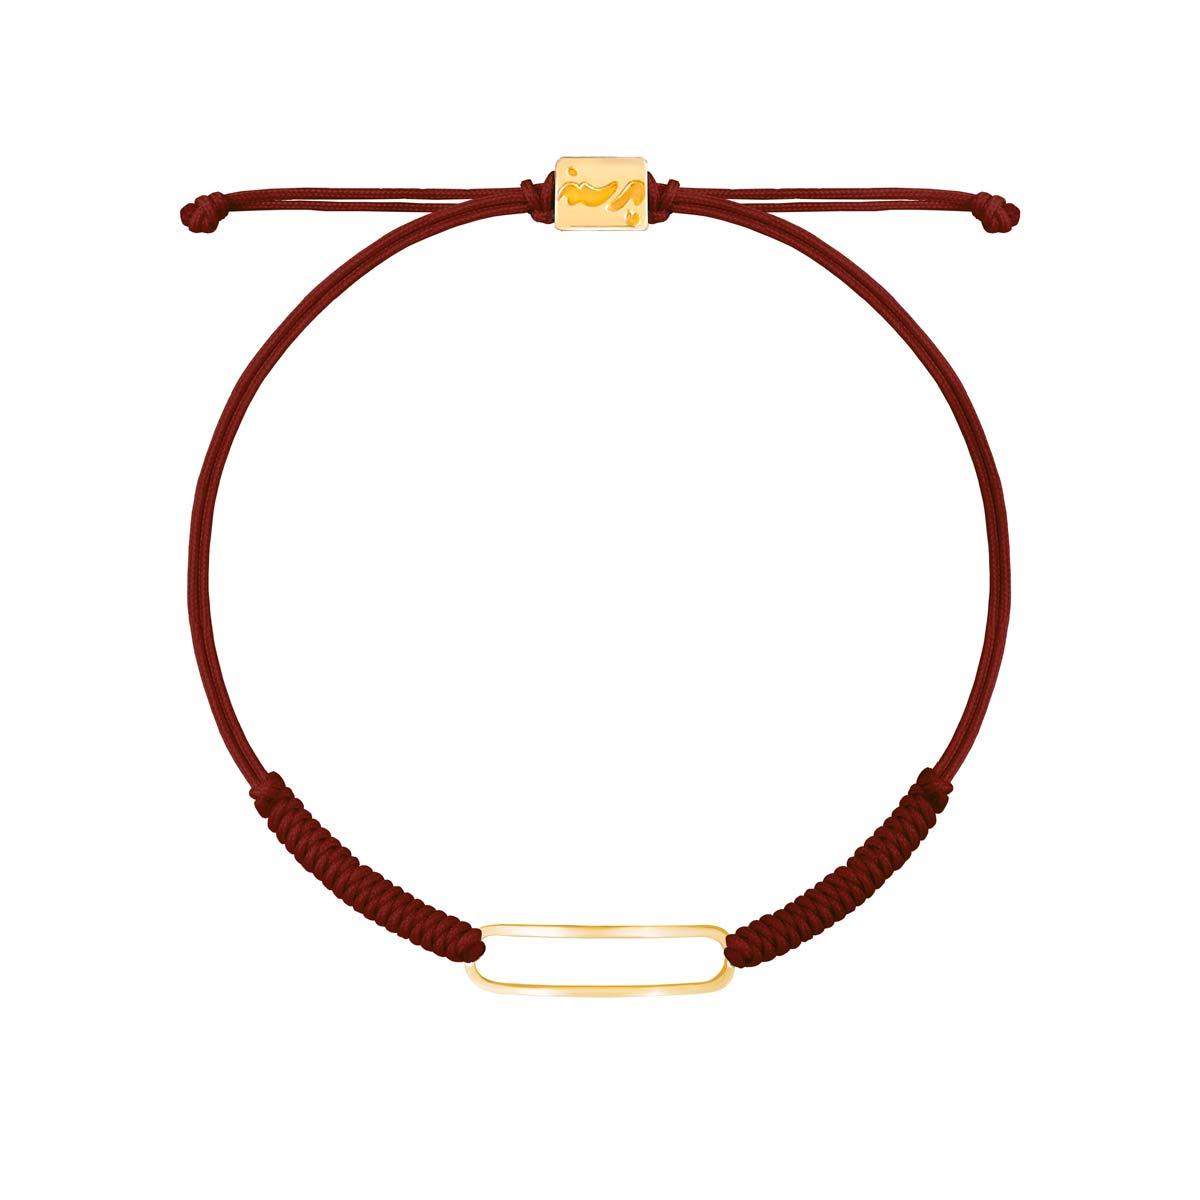 دستبند طلا بافت زرشکی بیضی توخالی